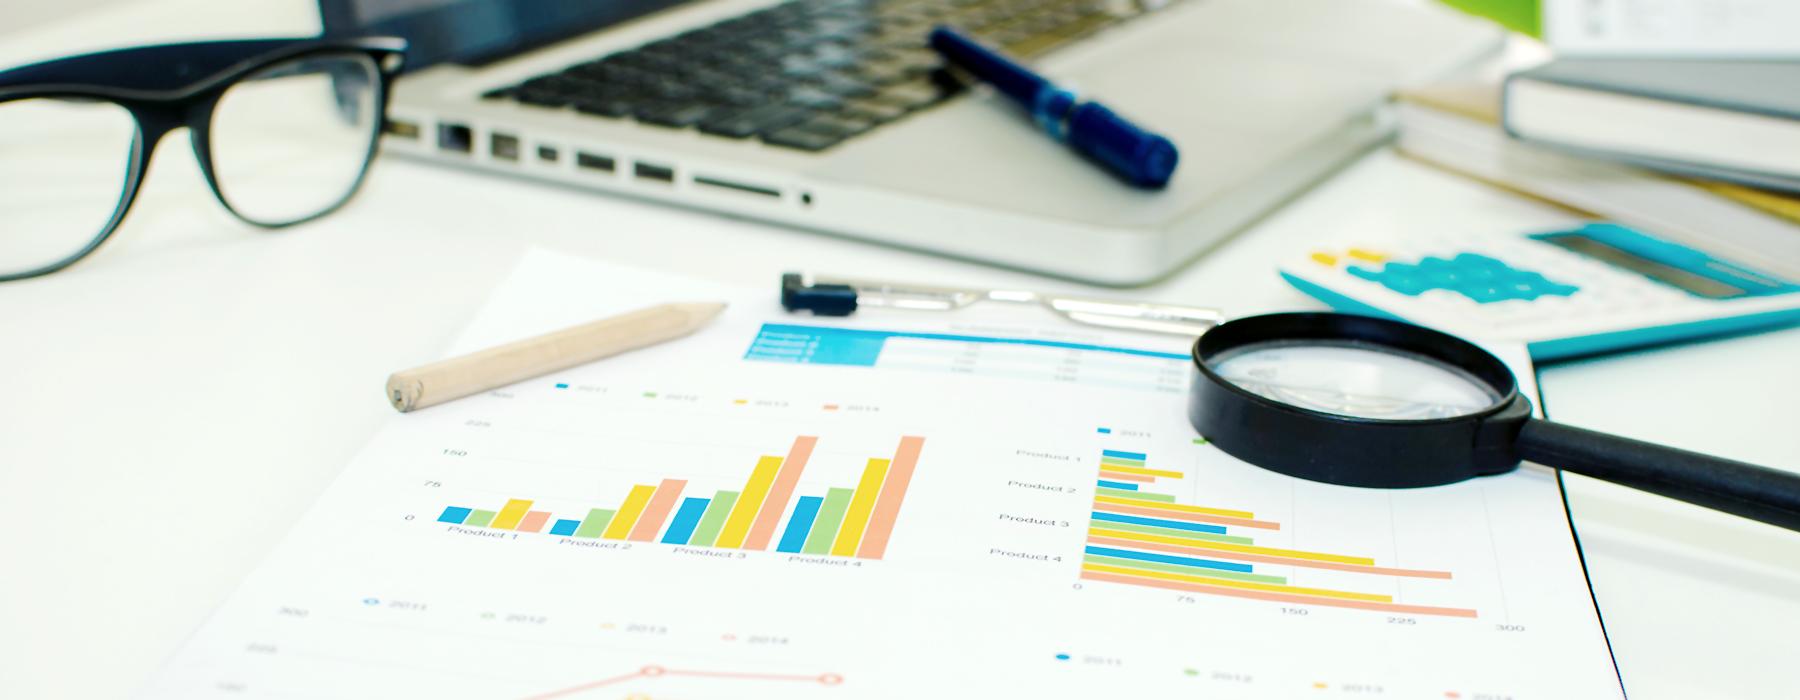 Schreibtisch mit Laptop und Büchern, Wirtschaftszahlen und Grafiken, Brille, Lupe und Stiften